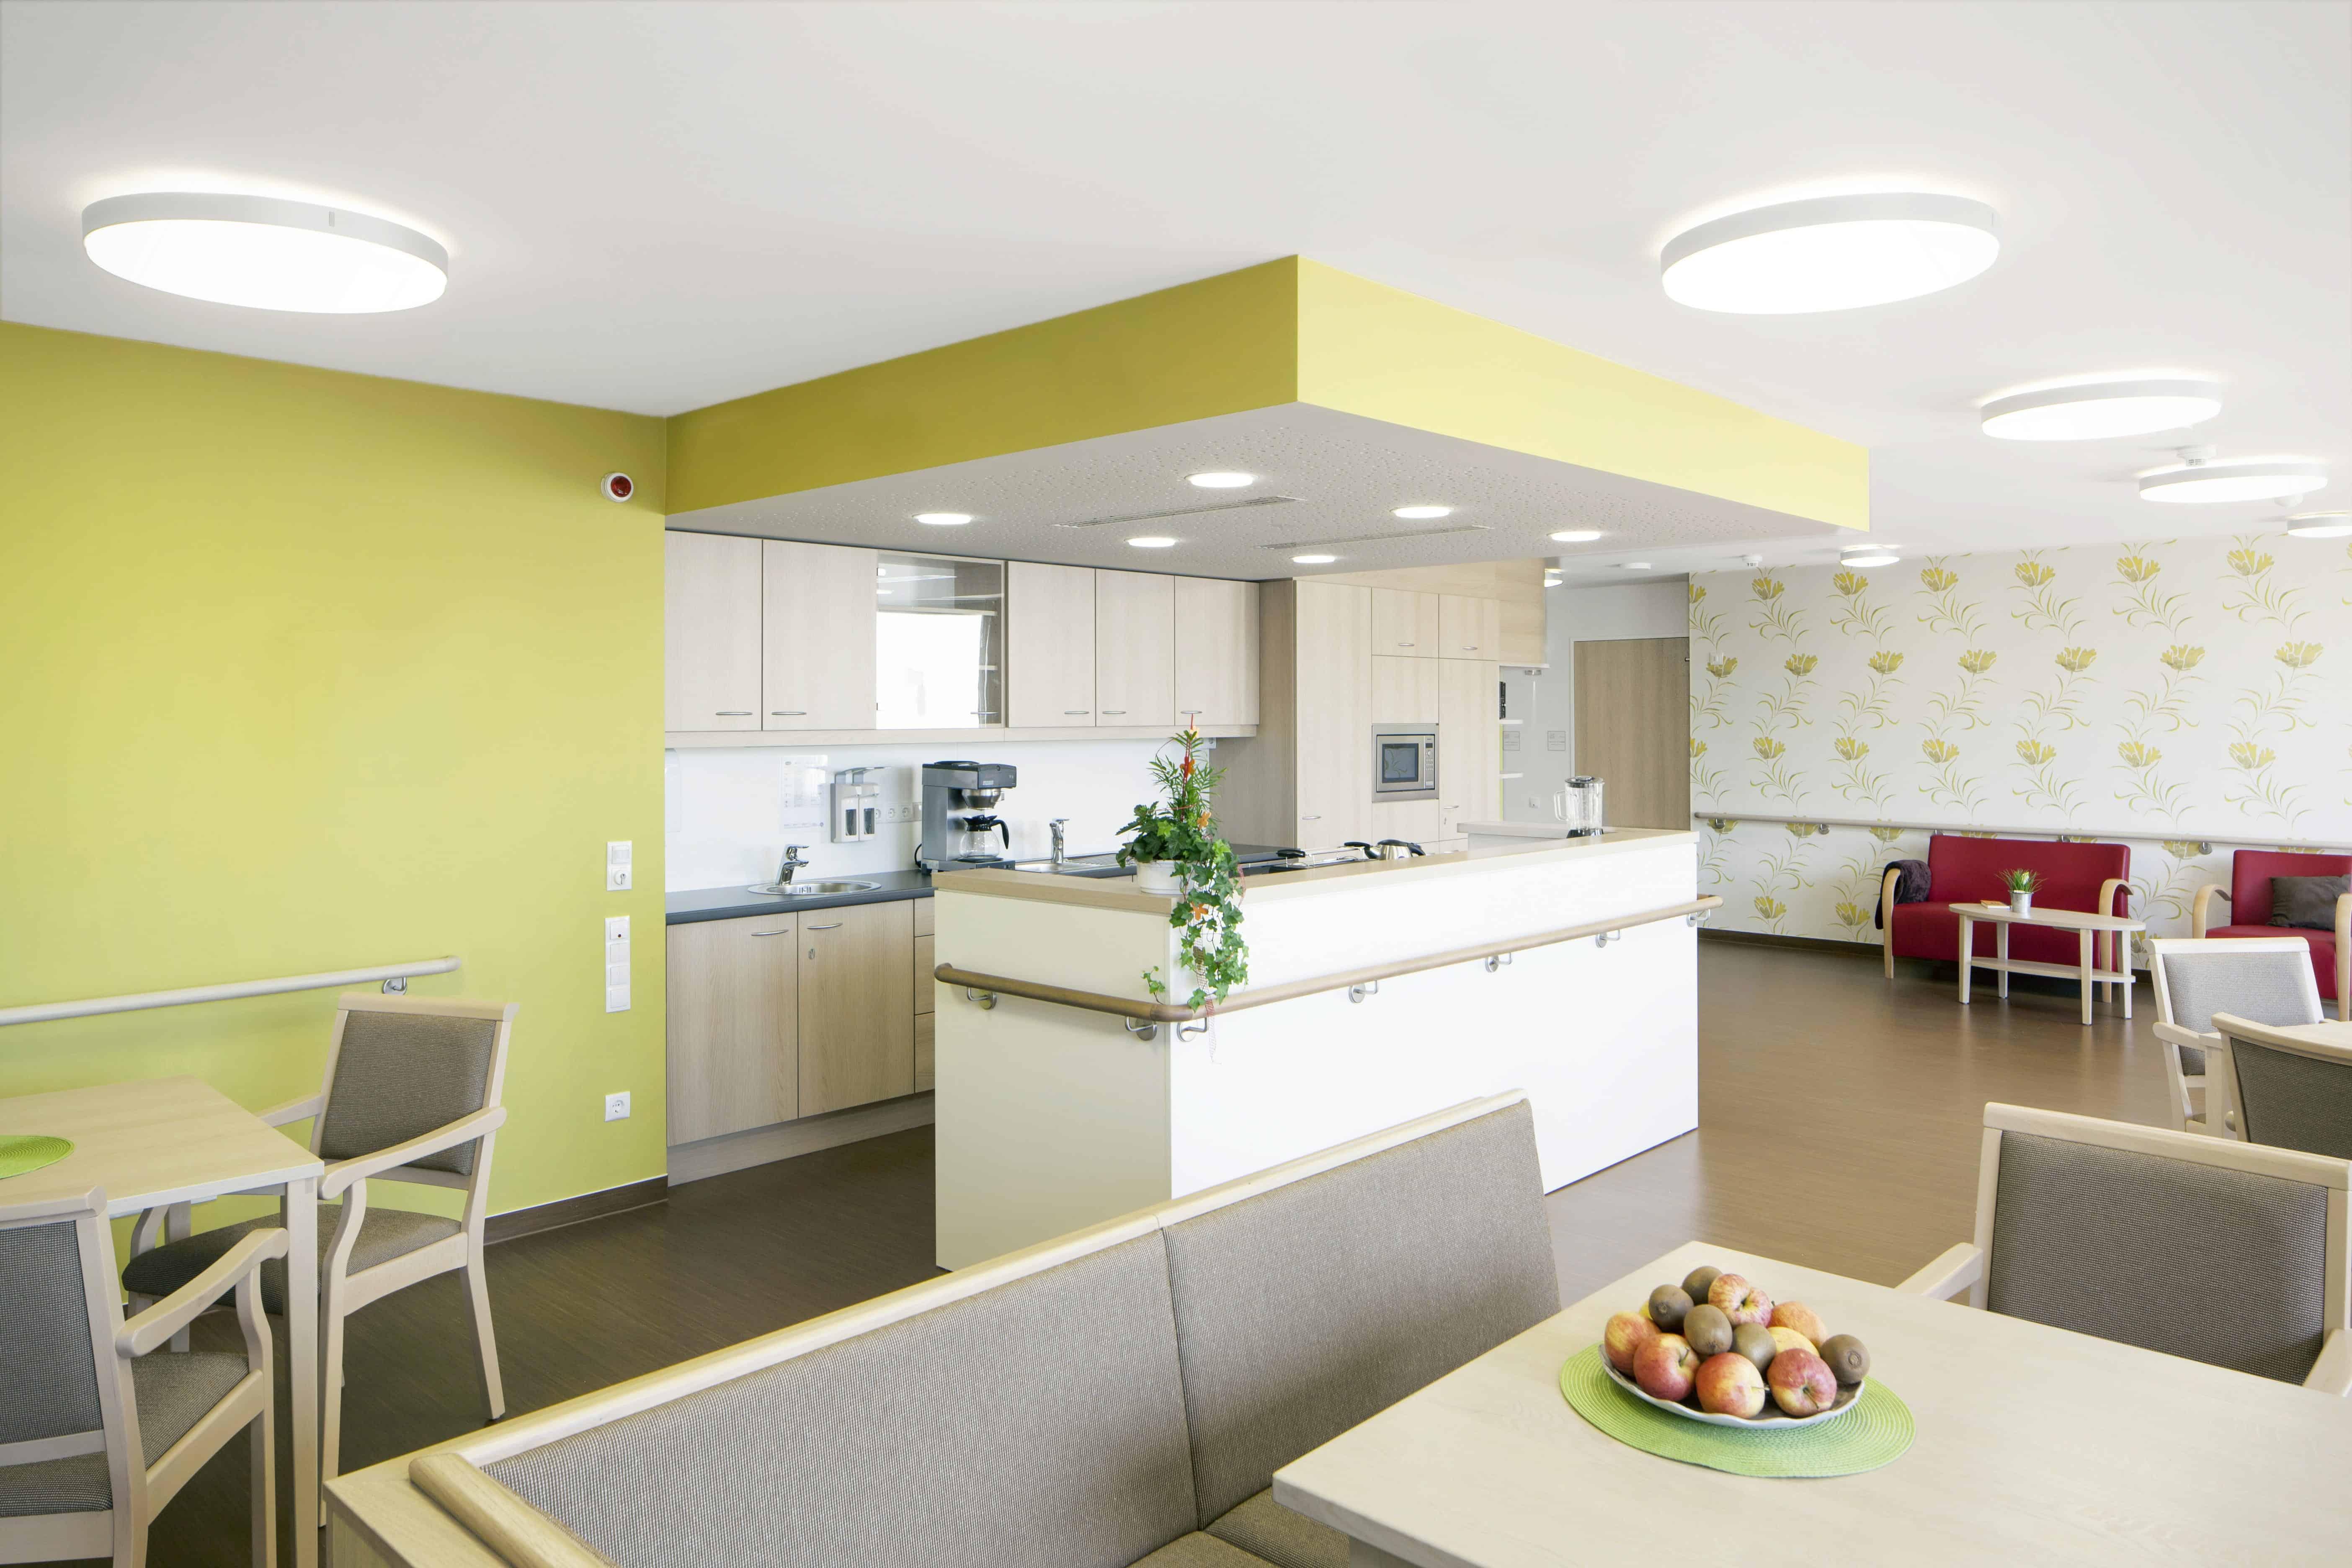 Kontrastreich gestalteter und möblierter Aufenthalts- und Essbereich eines Wohnbereichs Kompetenzzentrum Beraten - Wohnen - Pflegen in Forchheim / Feddersen Architekten / © Gerhard Hagen /poolima